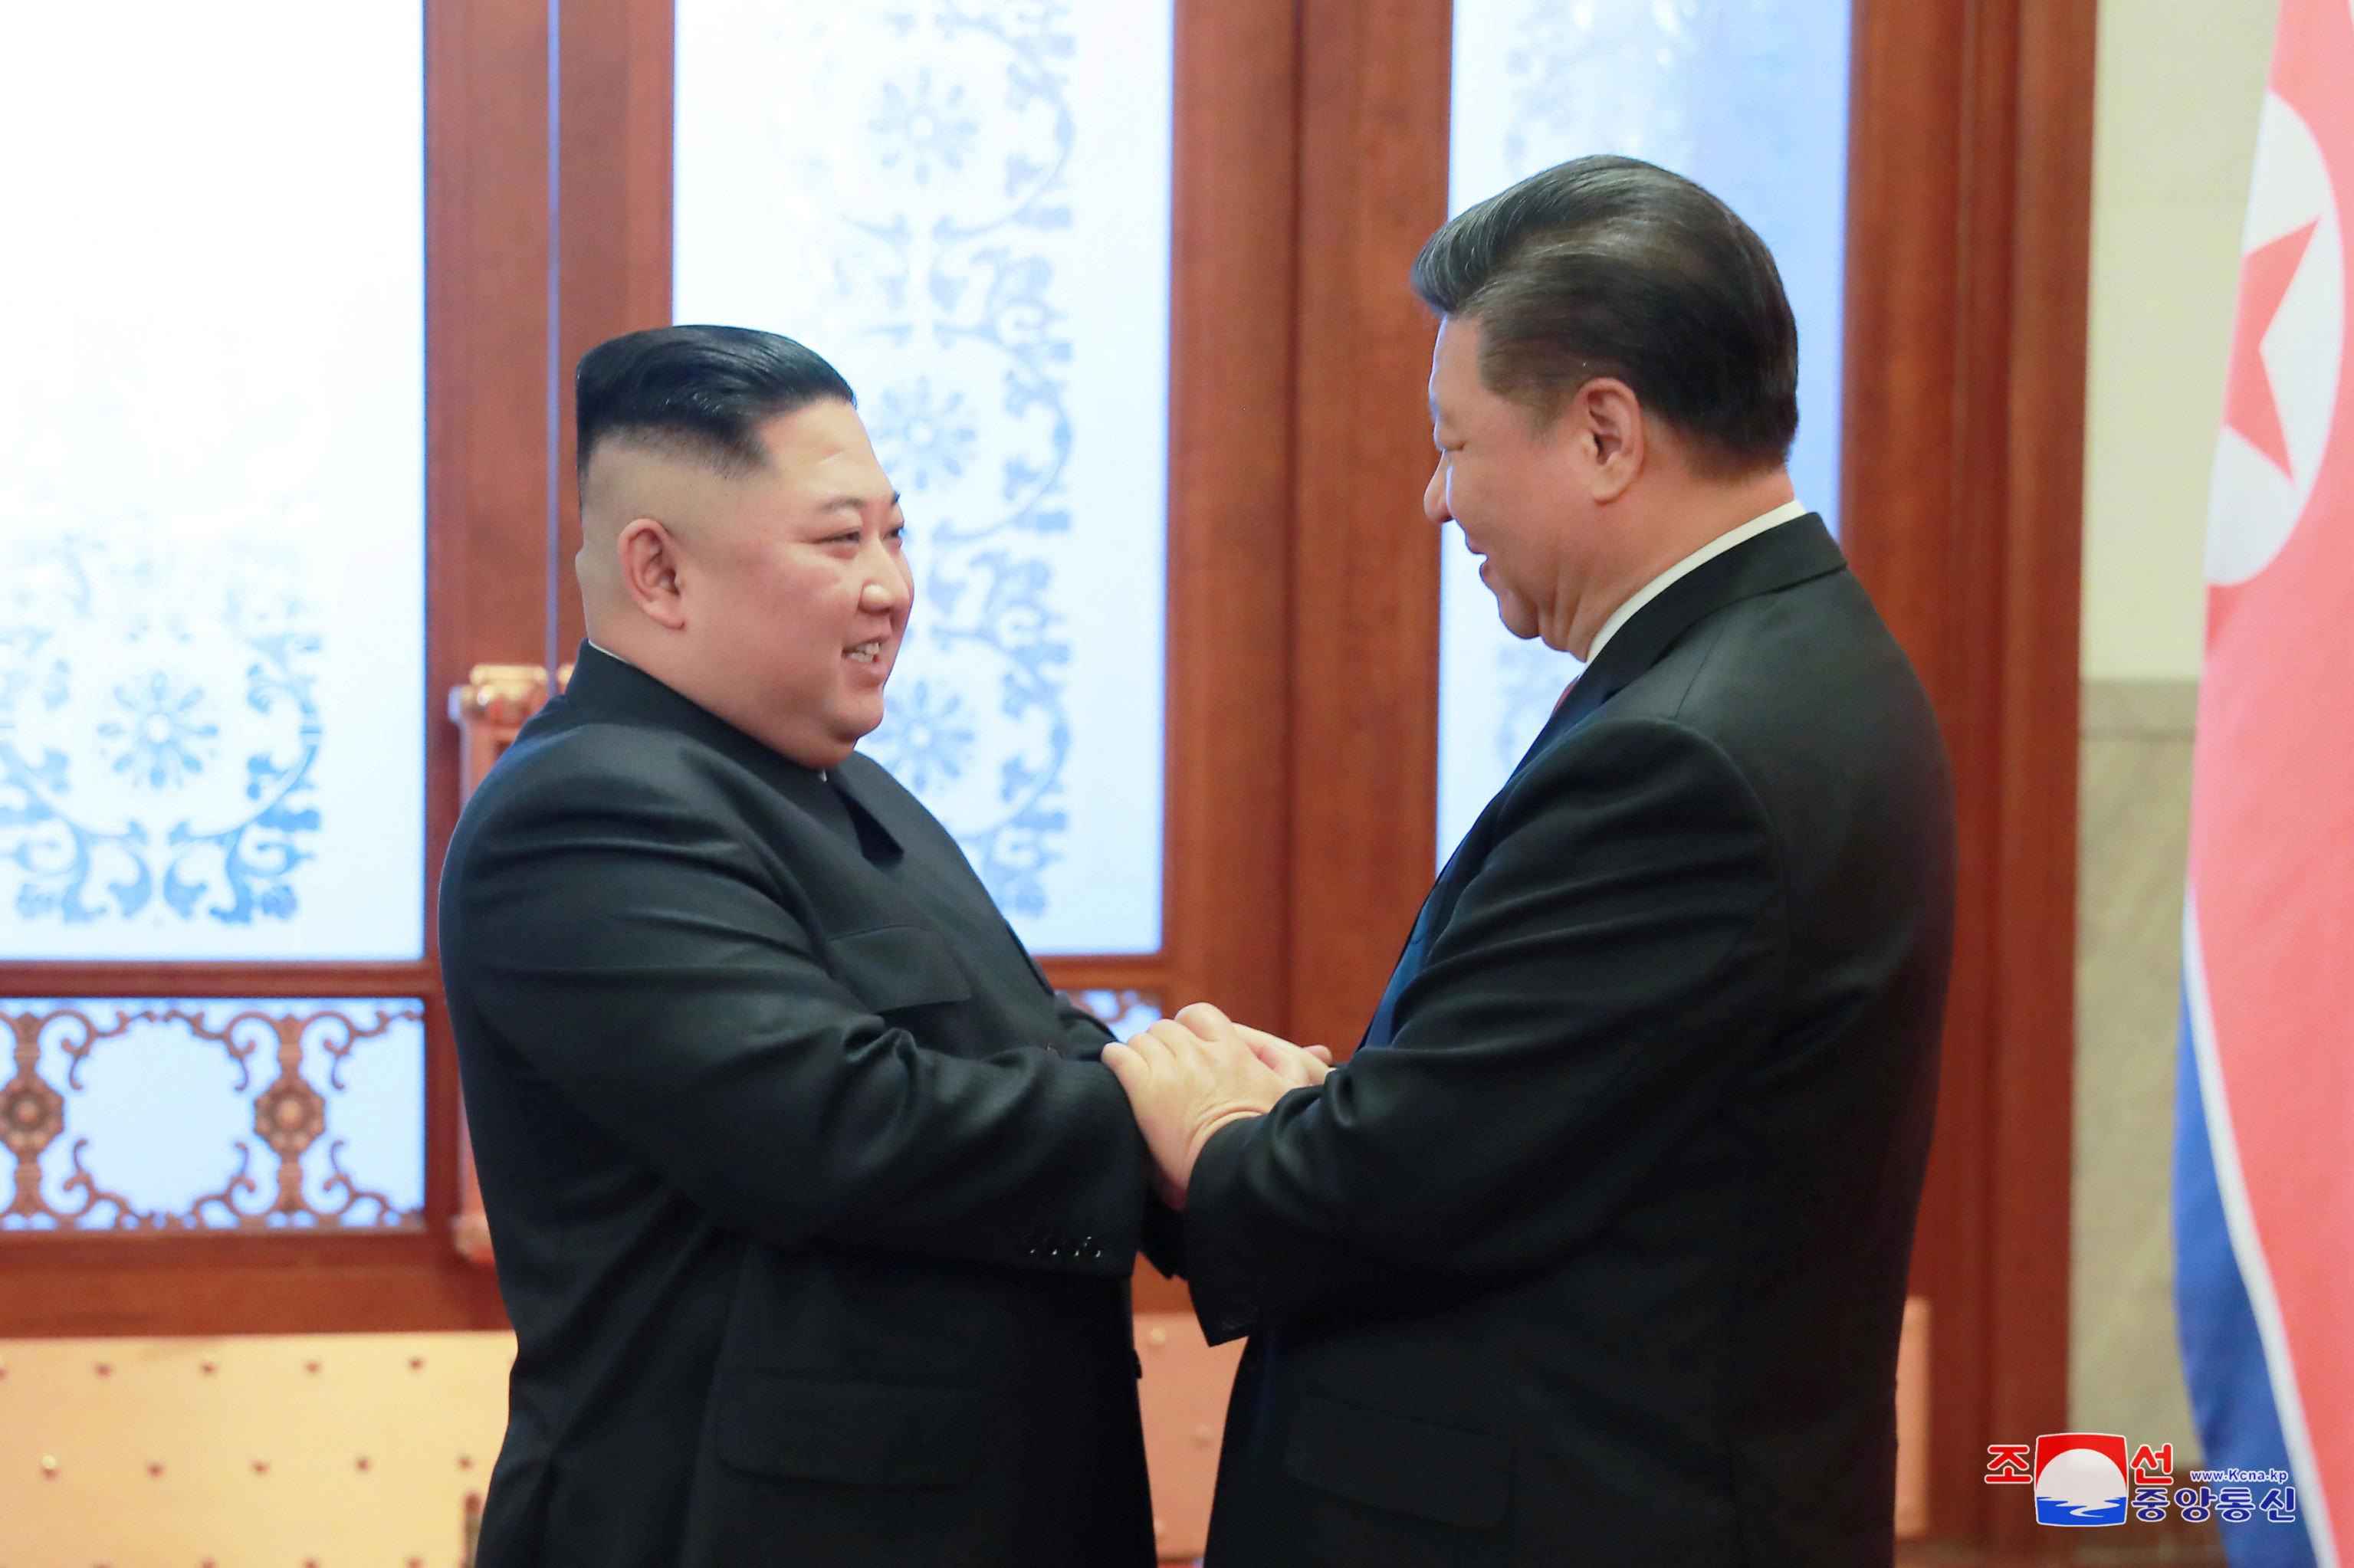 如果習近平出訪平壤,將是中國領袖自金正恩2011年12月就職朝鮮最高領導人後的首次訪問。中國外交部不掌握有關習近平訪問朝鮮的時間和期限信息。